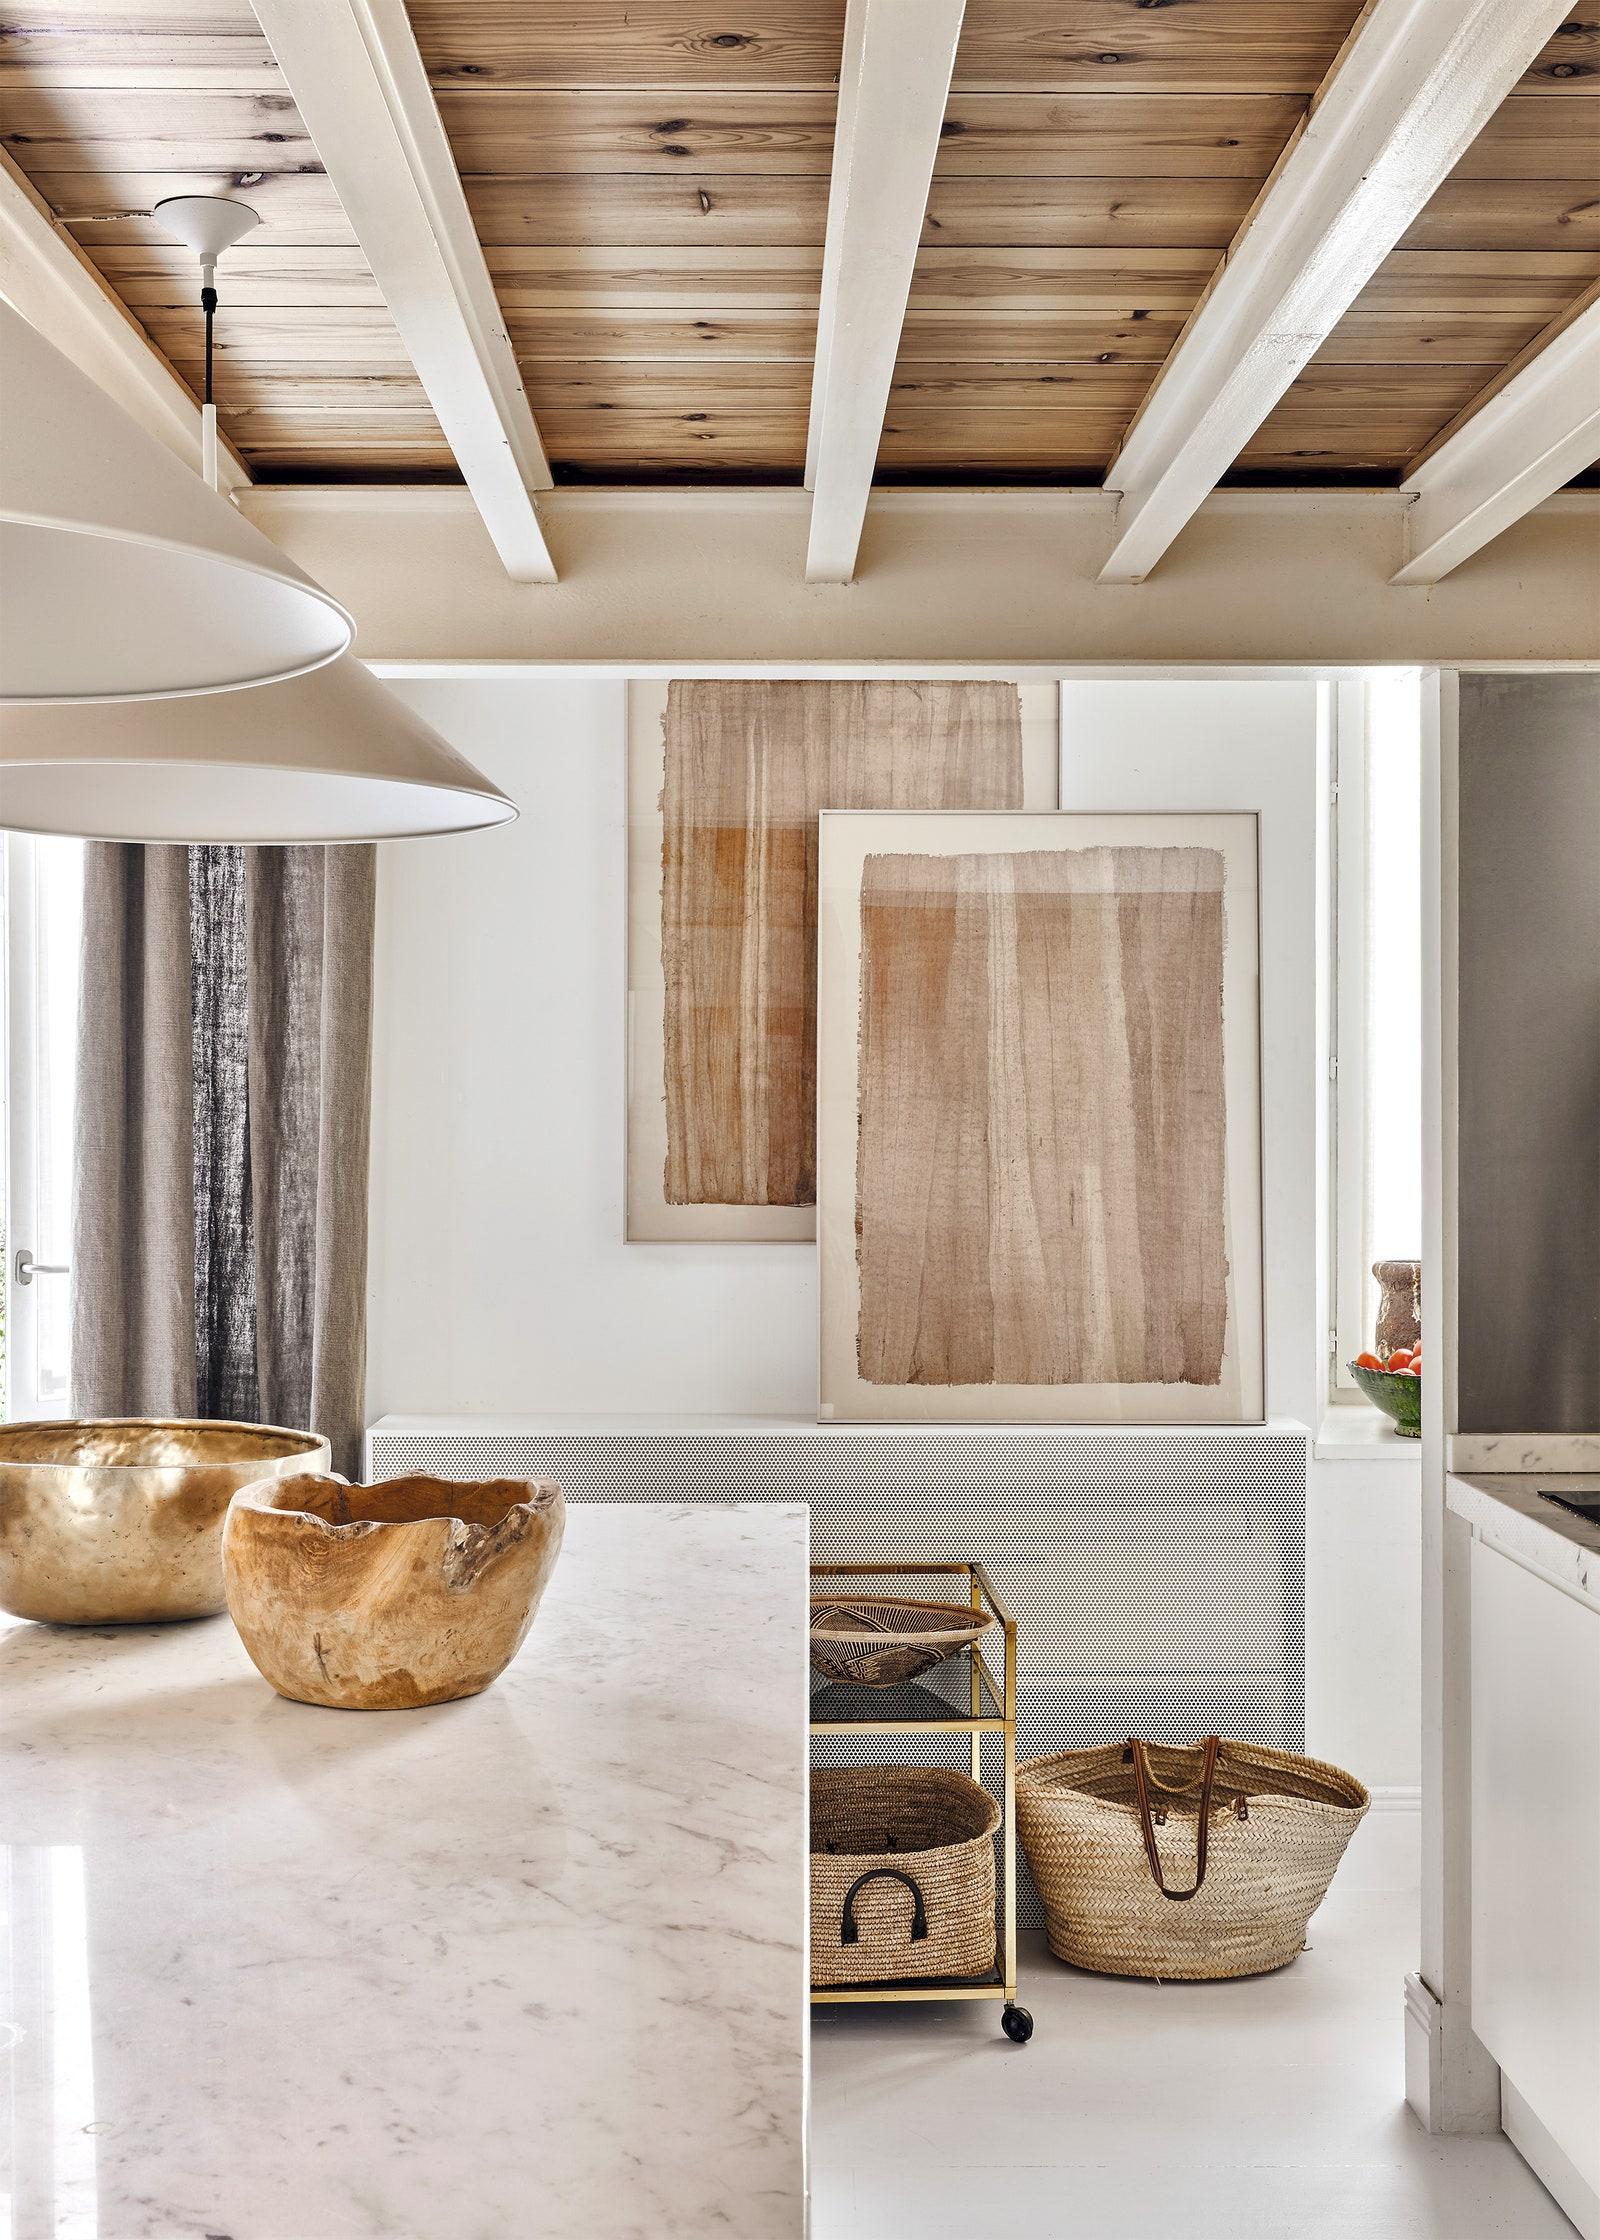 este_verano_practica_nesting_decoración_interiores_lifestyle_consejos-08